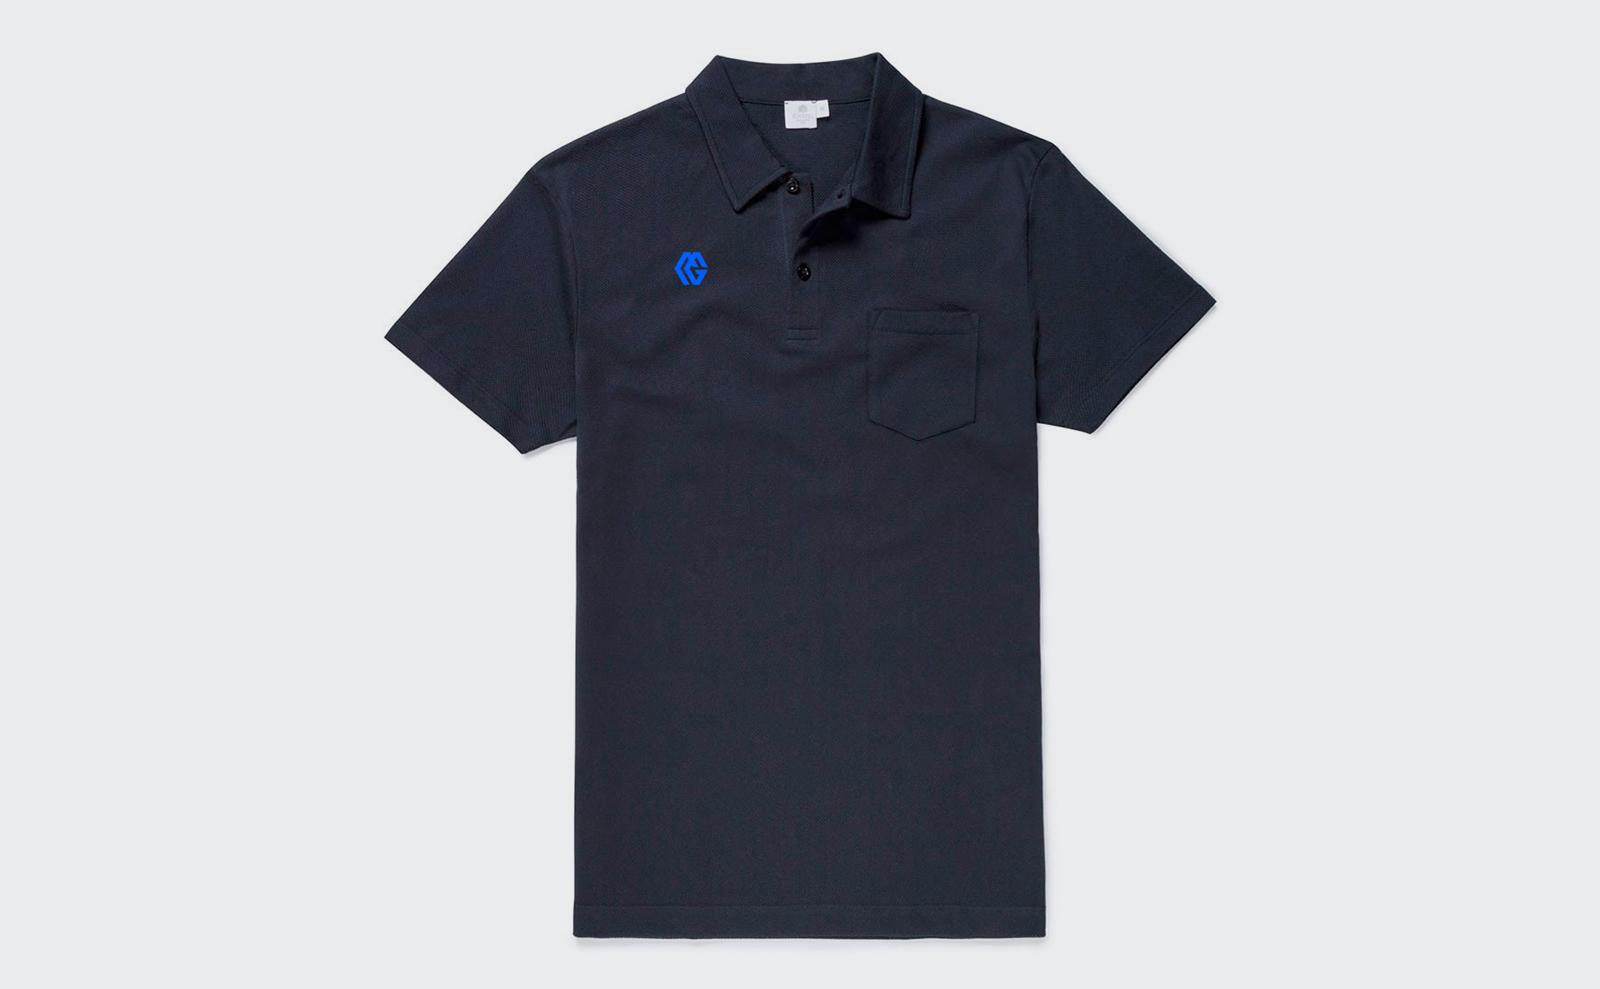 Metagreen polo shirt